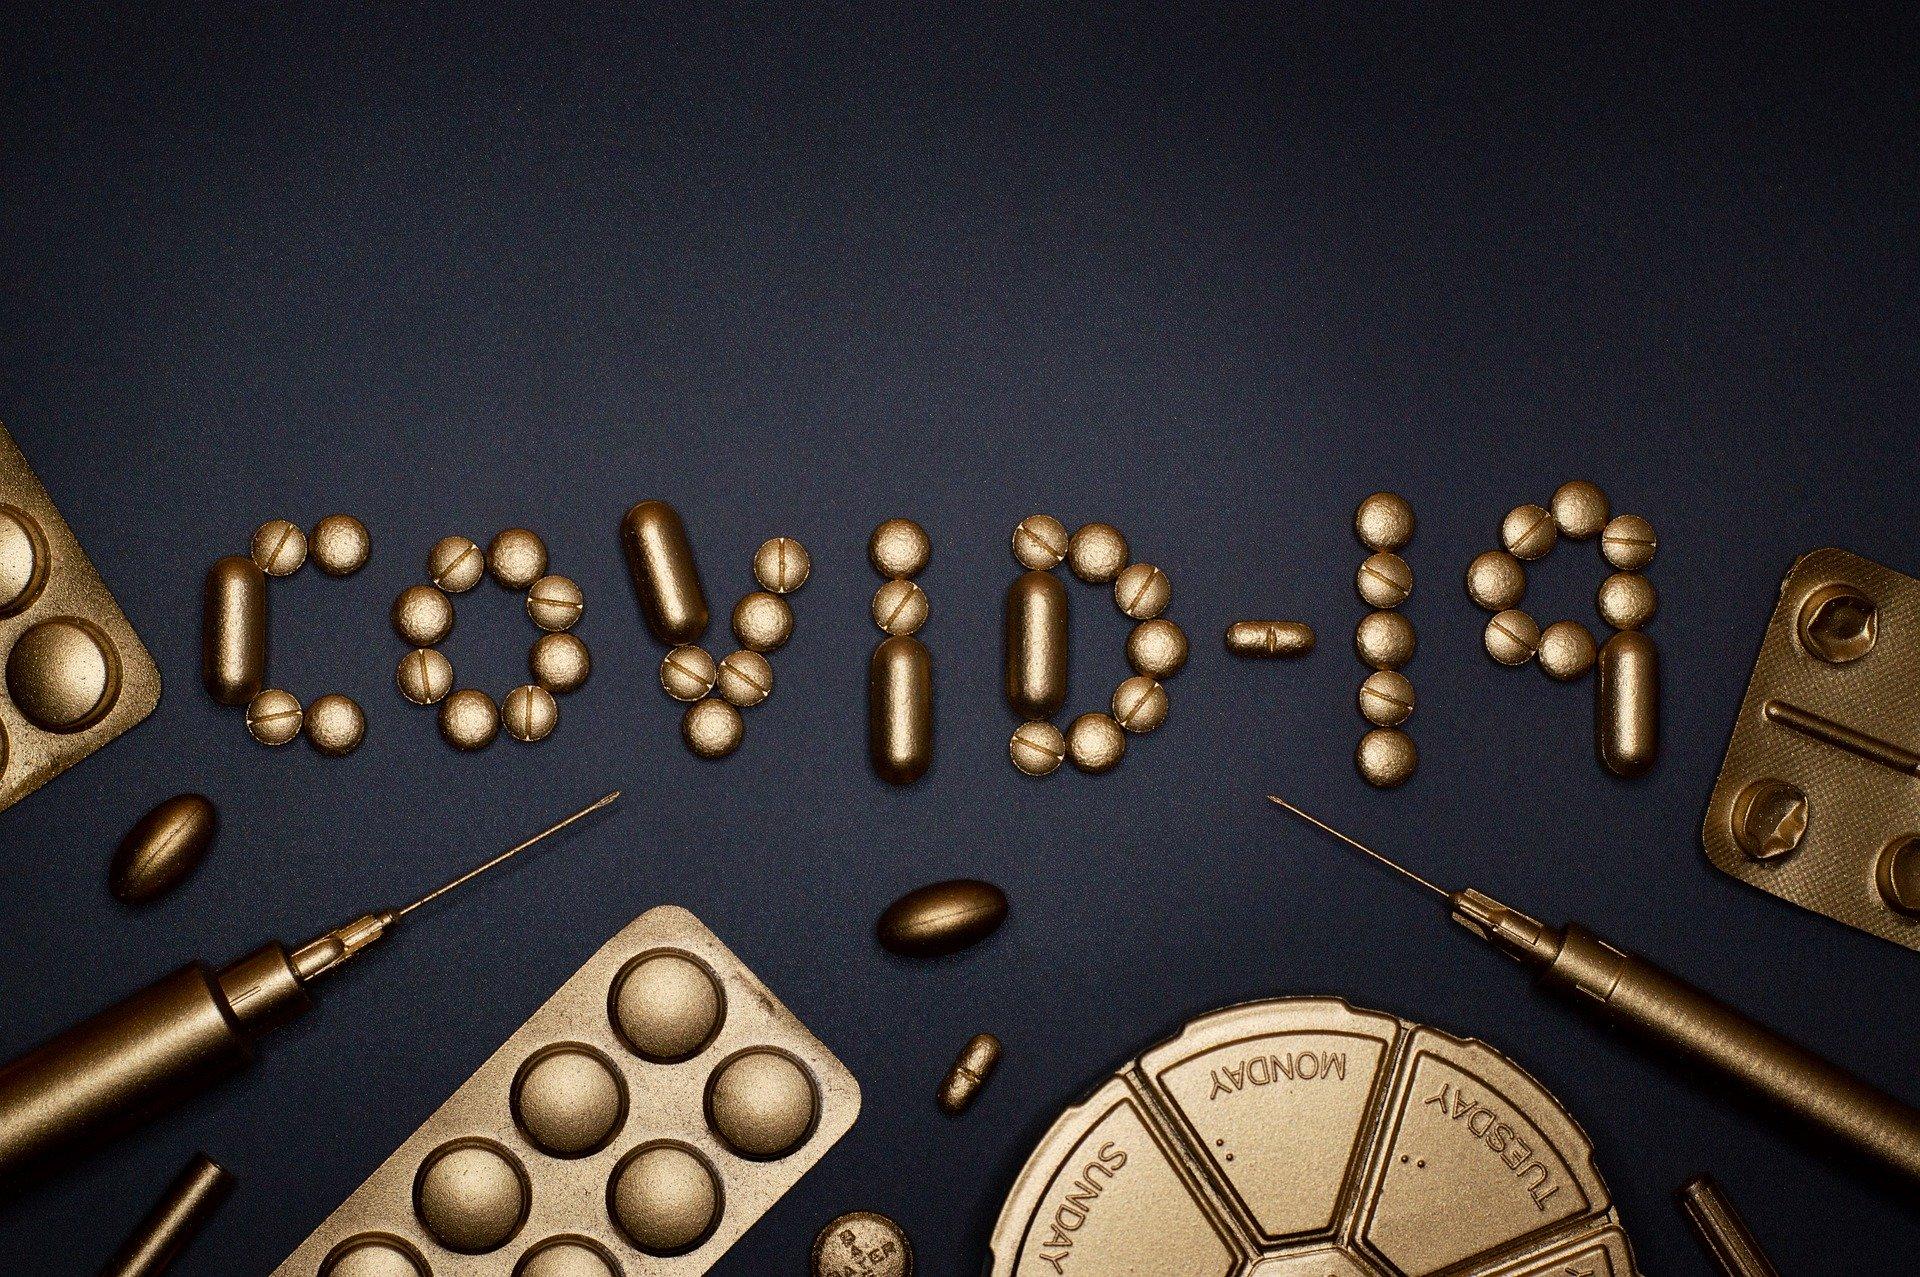 Coronavirus: Ist es weniger gefährlich als bislang angenommen?